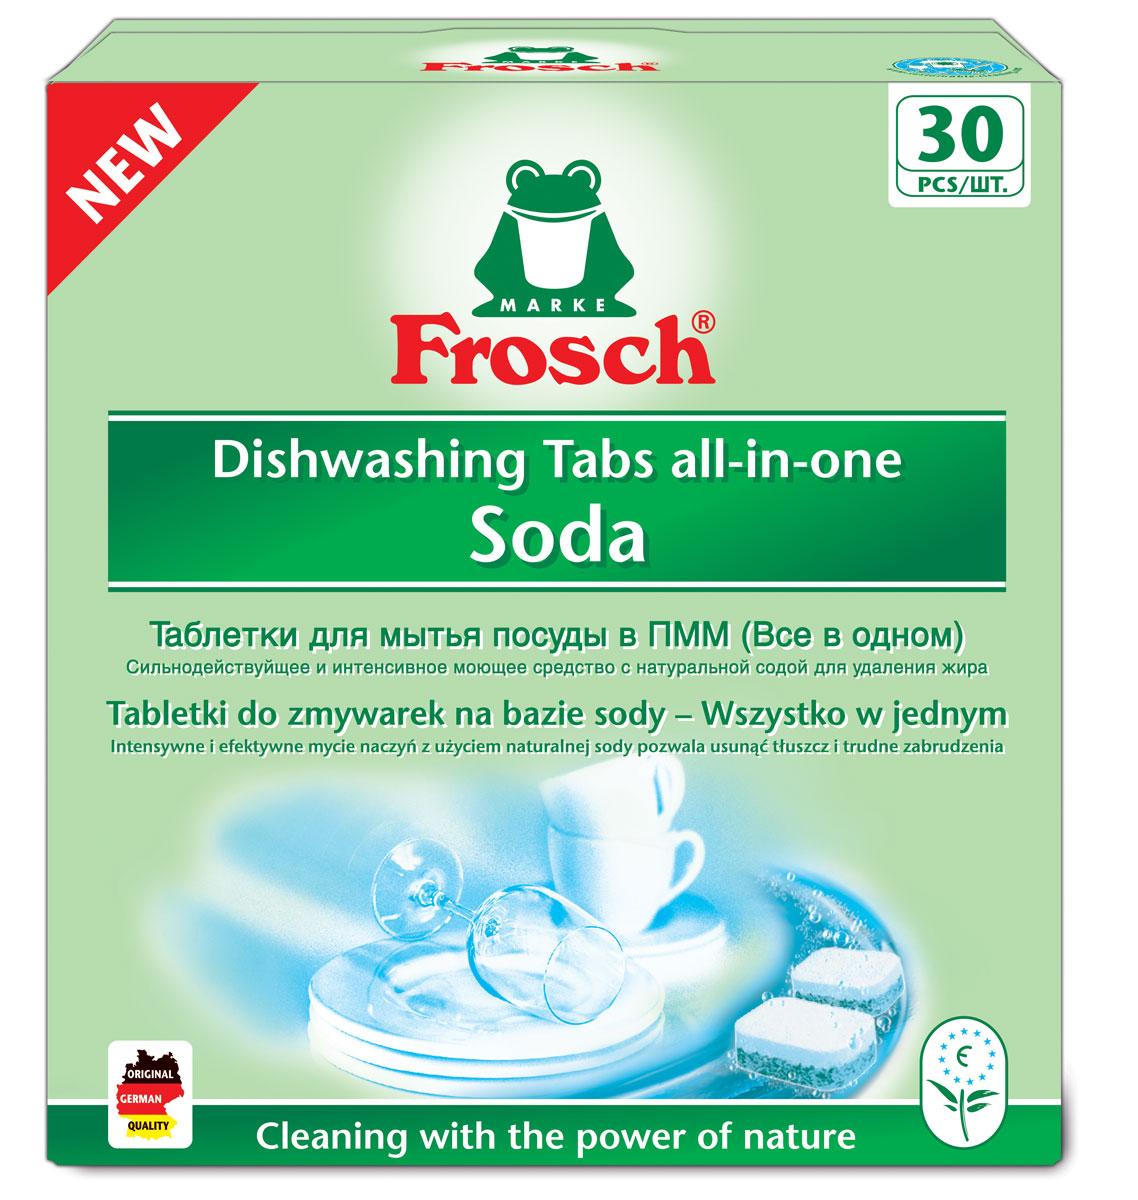 Таблетки для мытья посуды Frosch, для посудомоечной машины, 30 штES-412Таблетки Frosch предназначены для мытья посуды в посудомоечной машине. Это сильнодействующее и интенсивное средство, обладающее всеми функциями современных таблеток для идеальной чистоты и блеска посуды. Формула с натуральной содой отмывает даже засохшие остатки пищи. Предотвращает помутнение стекла и сохраняет блеск.Средство надежно предупреждает образование известкового налета. Таблетки эффективны даже при низкой температуре. Они предусмотрены специально для того, чтобы использовать правильное количество продукта в зависимости от степени загрязнения посуды. Торговая марка Frosch специализируется на выпуске экологически чистой бытовой химии. Для изготовления своей продукции Froschиспользует натуральные природные компоненты. Ассортимент содержит все необходимое для бережного ухода за домом и вещами. Продукция торговой марки Frosch эффективно удаляет загрязнения, оберегает кожу рук и безопасна для окружающей среды. Состав: 15-30% кислородного отбеливателя,Количество таблеток: 30 шт. Производитель:Германия. Товар сертифицирован.Уважаемые клиенты! Обращаем ваше внимание на возможные изменения в дизайне упаковки. Качественные характеристики товара остаются неизменными. Поставка осуществляется в зависимости от наличия на складе.